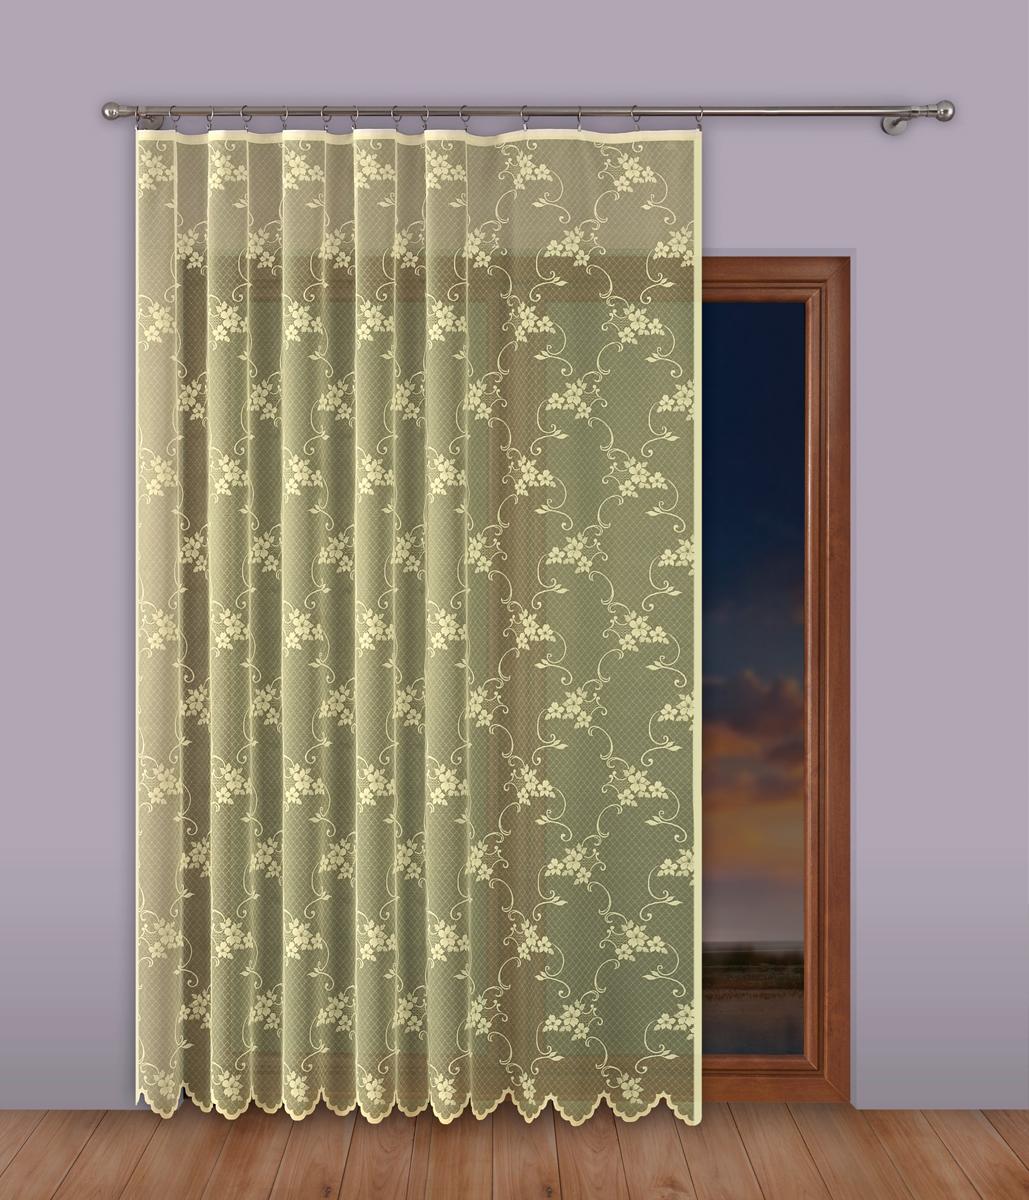 Тюль P Primavera Firany, на ленте, цвет: кремовый, высота 250 см, ширина 400 см. 1110285 тюль p primavera firany цвет кремовый высота 250 см 1110124